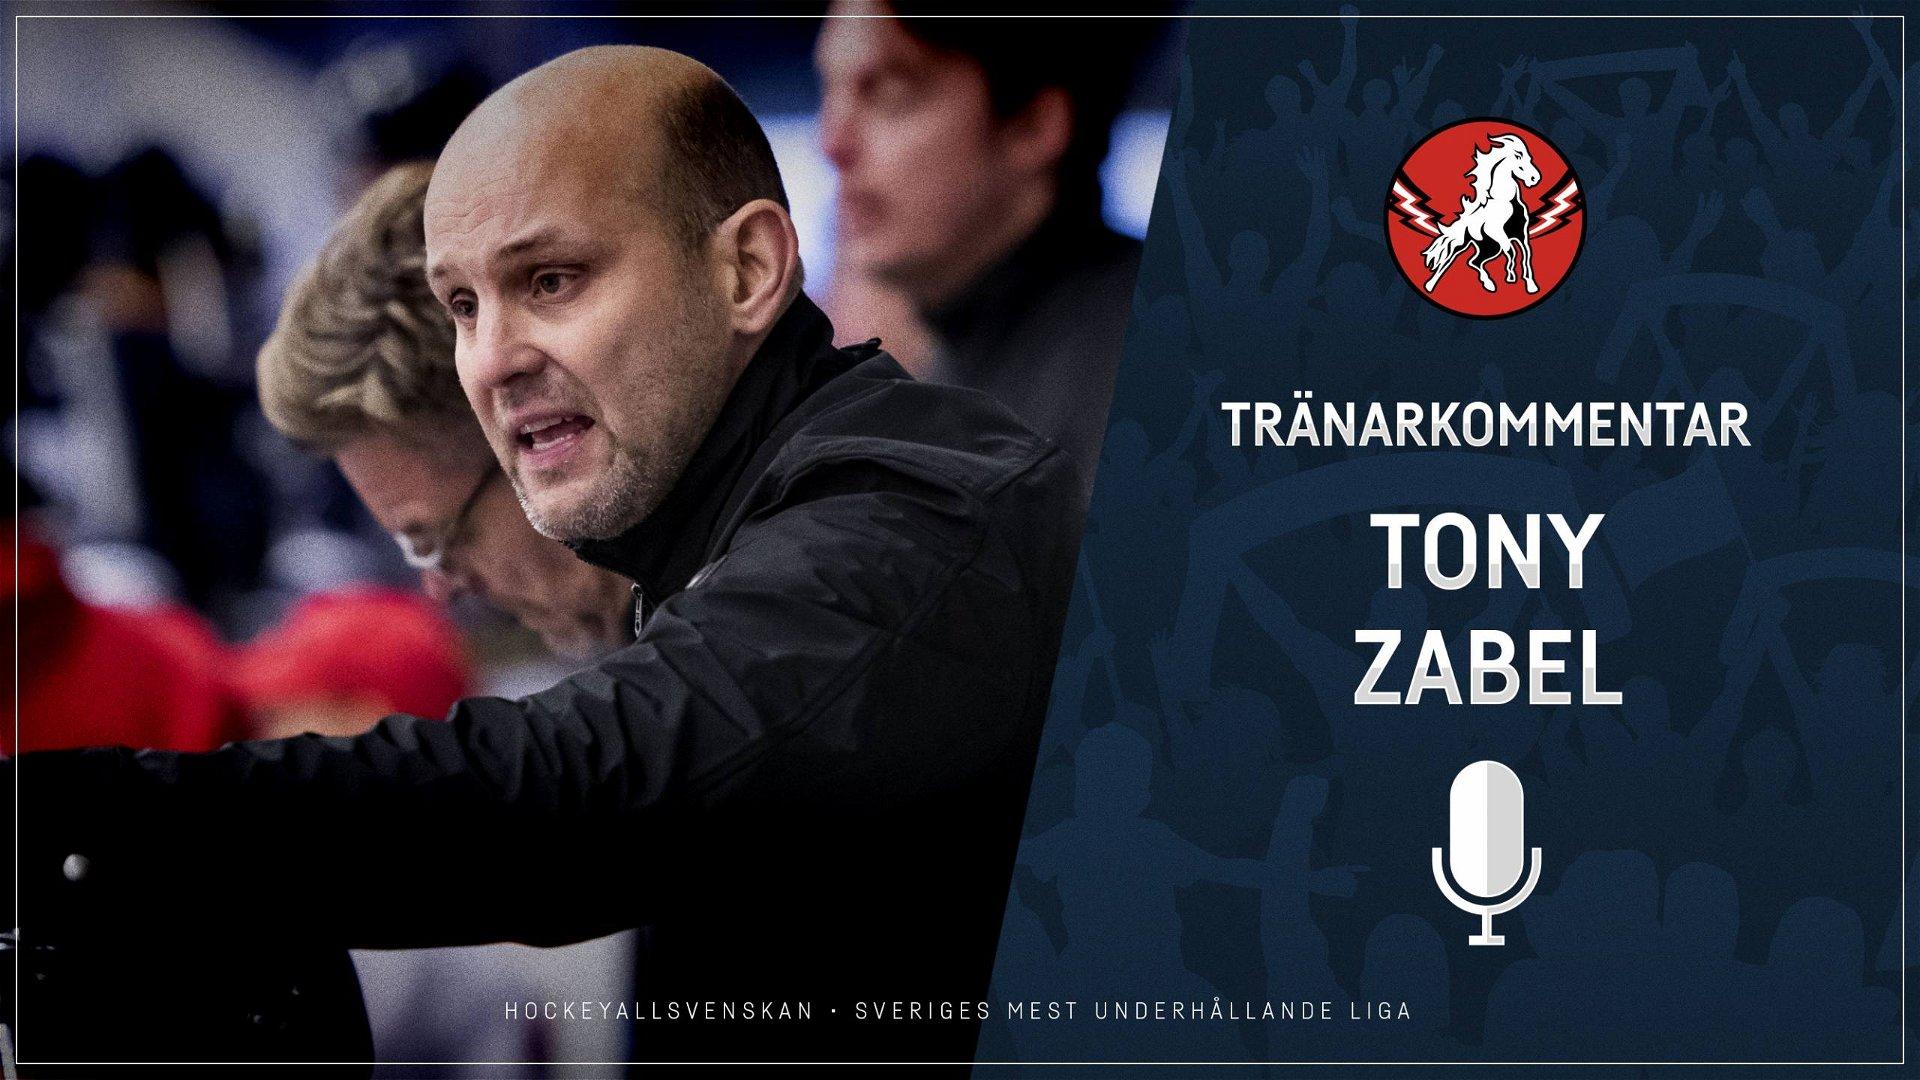 2021-02-12 Segerintervju: Tony Zabel